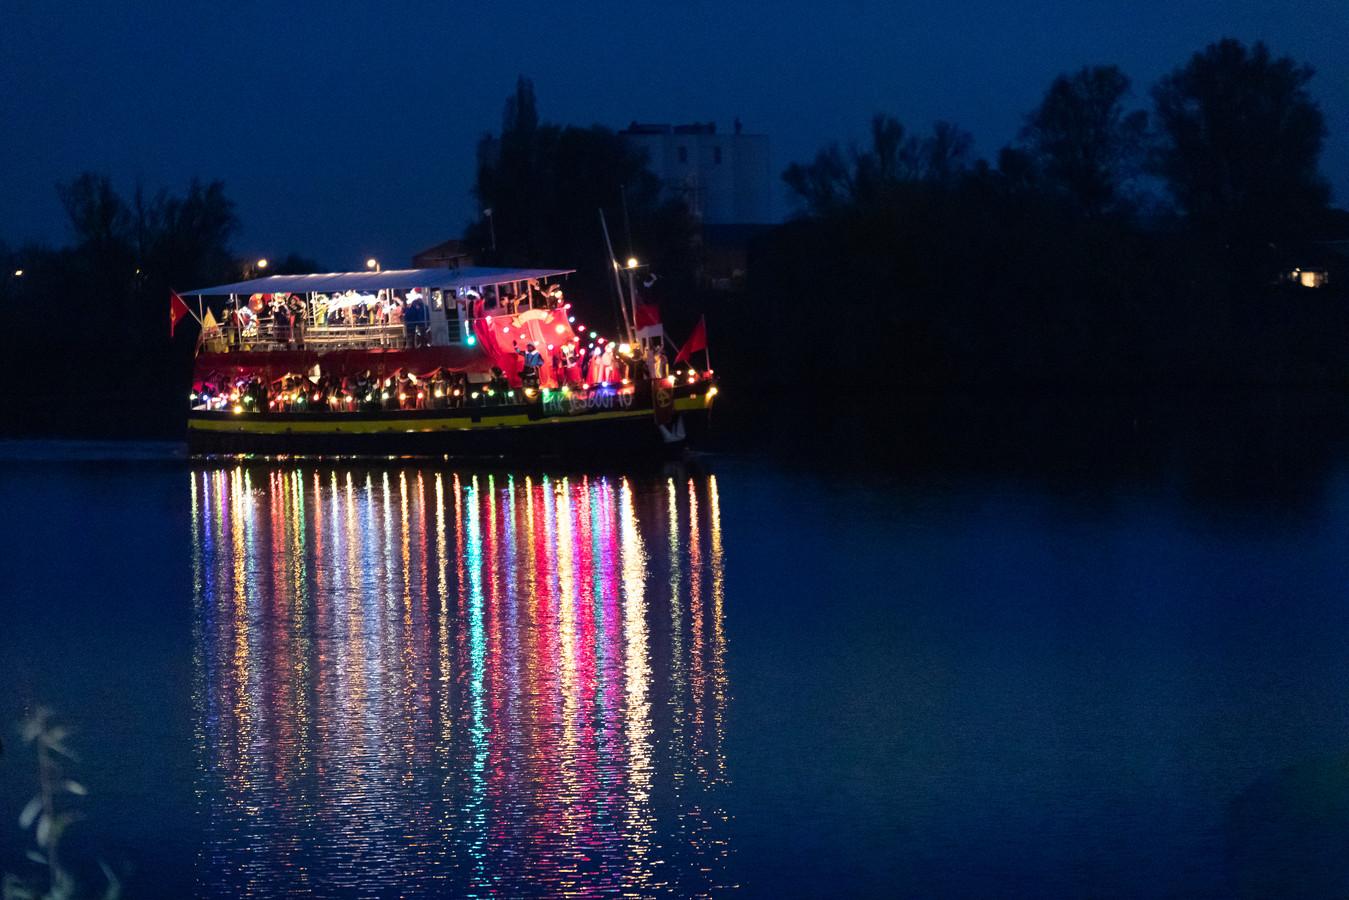 De intocht van Sinterklaas vorig jaar - per boot - in Rhenen.